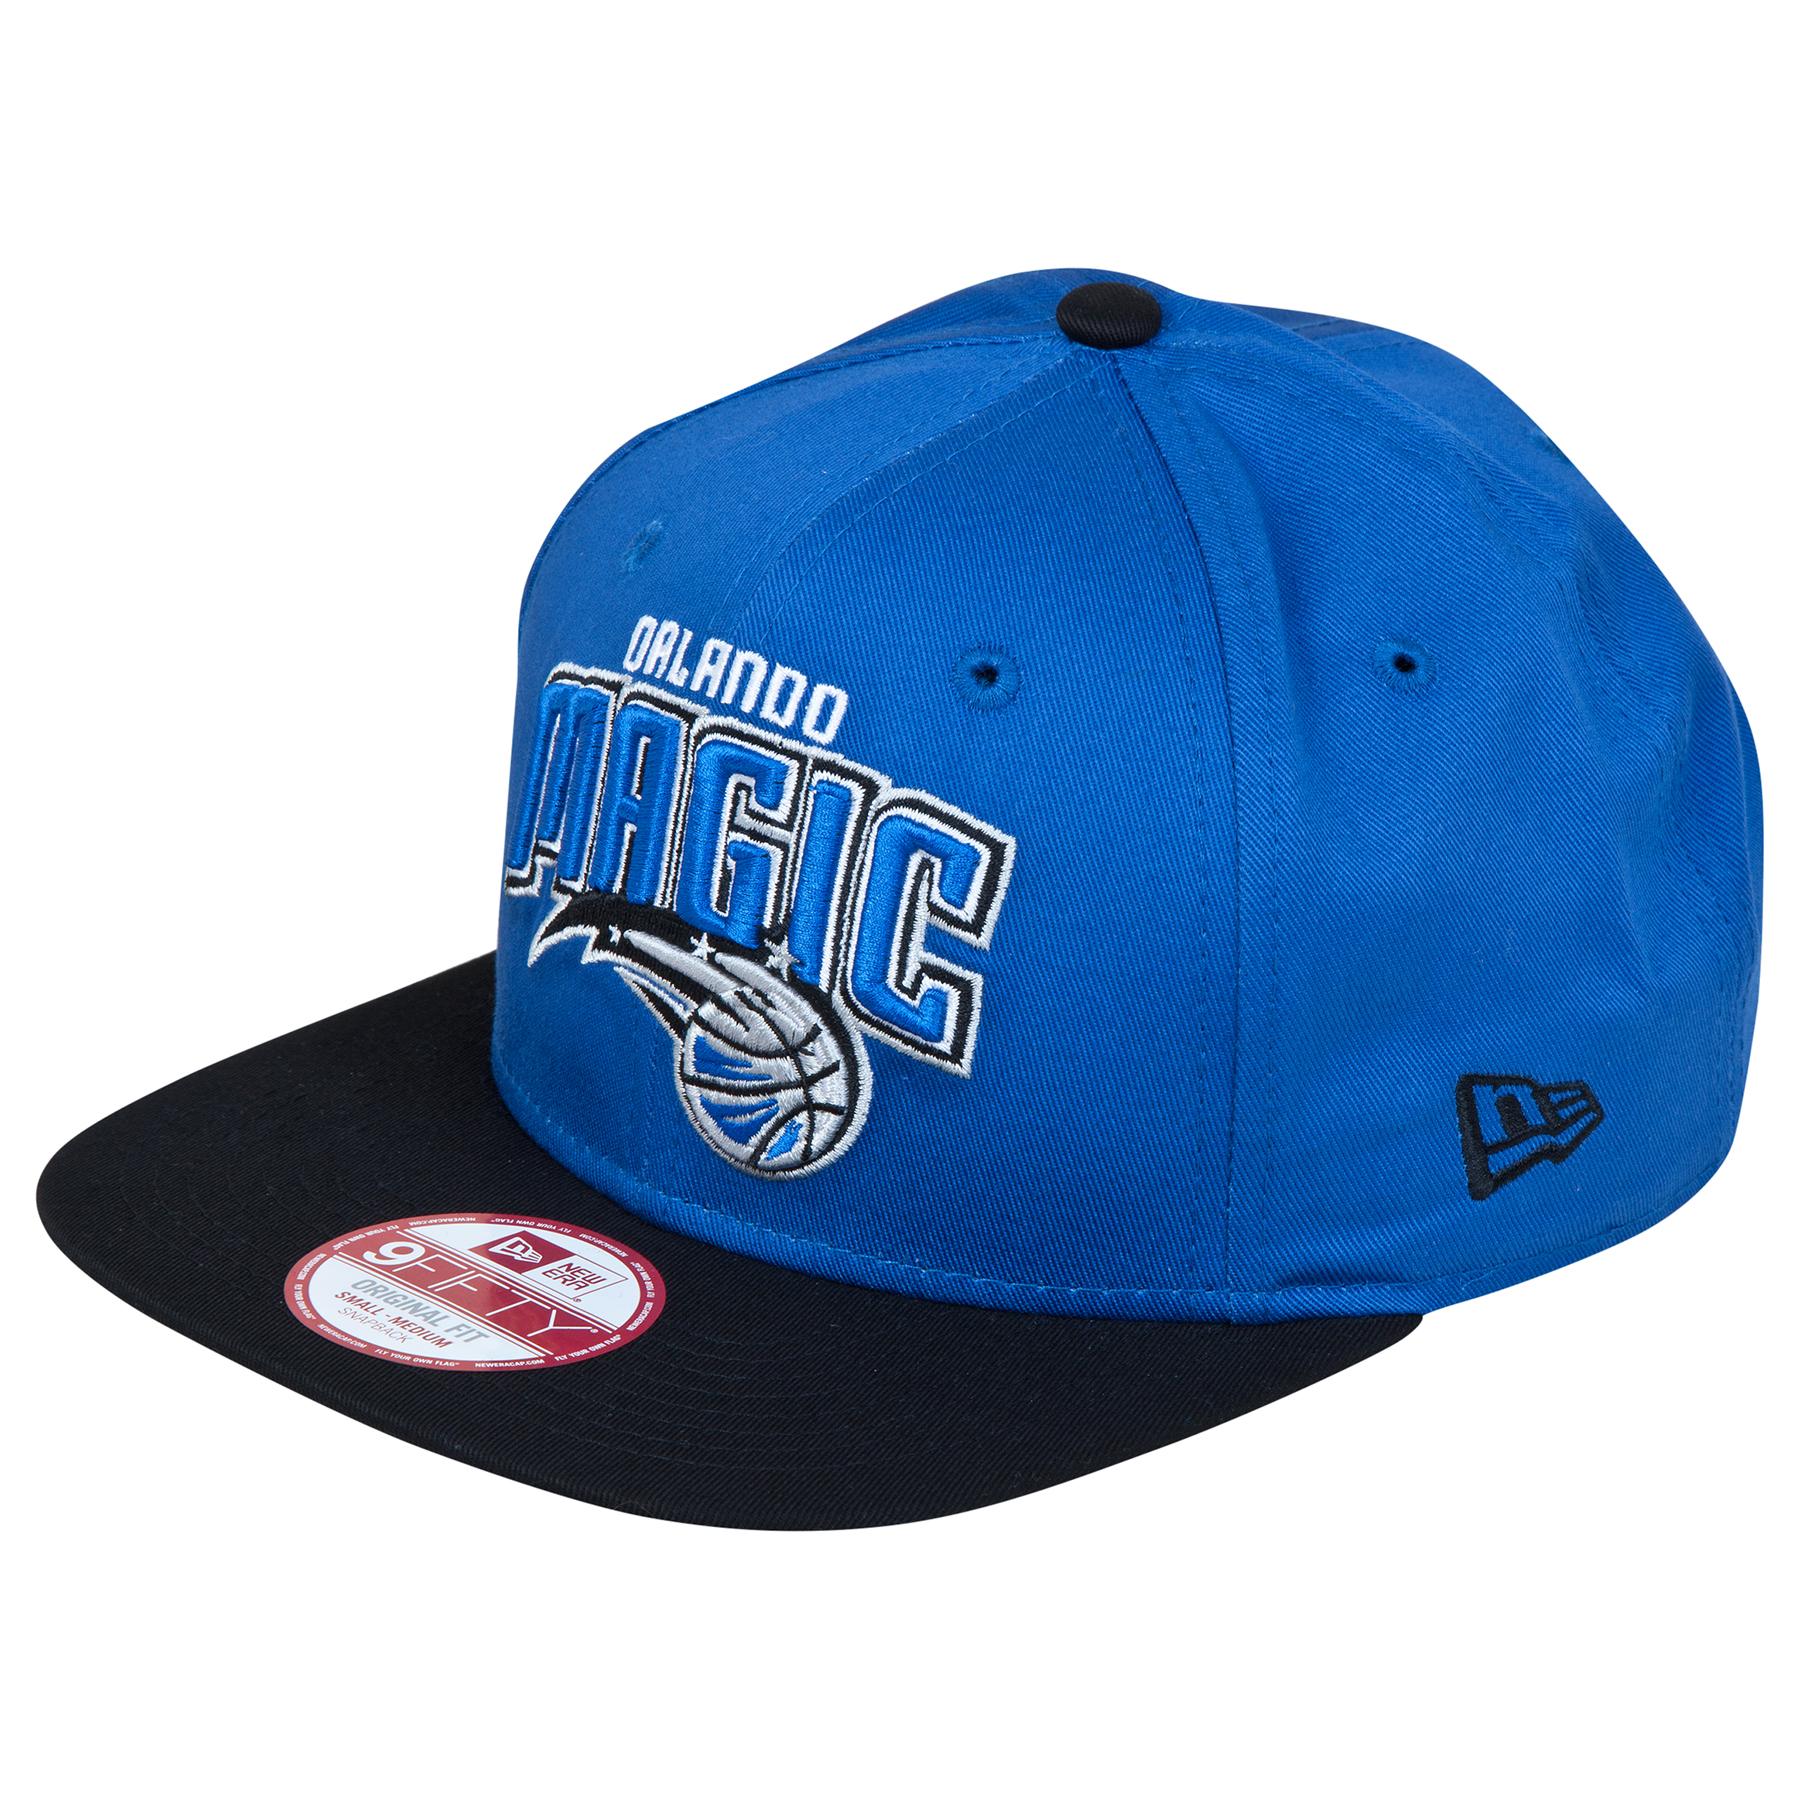 Orlando Magic New Era Basic 9FIFTY Snapback Cap